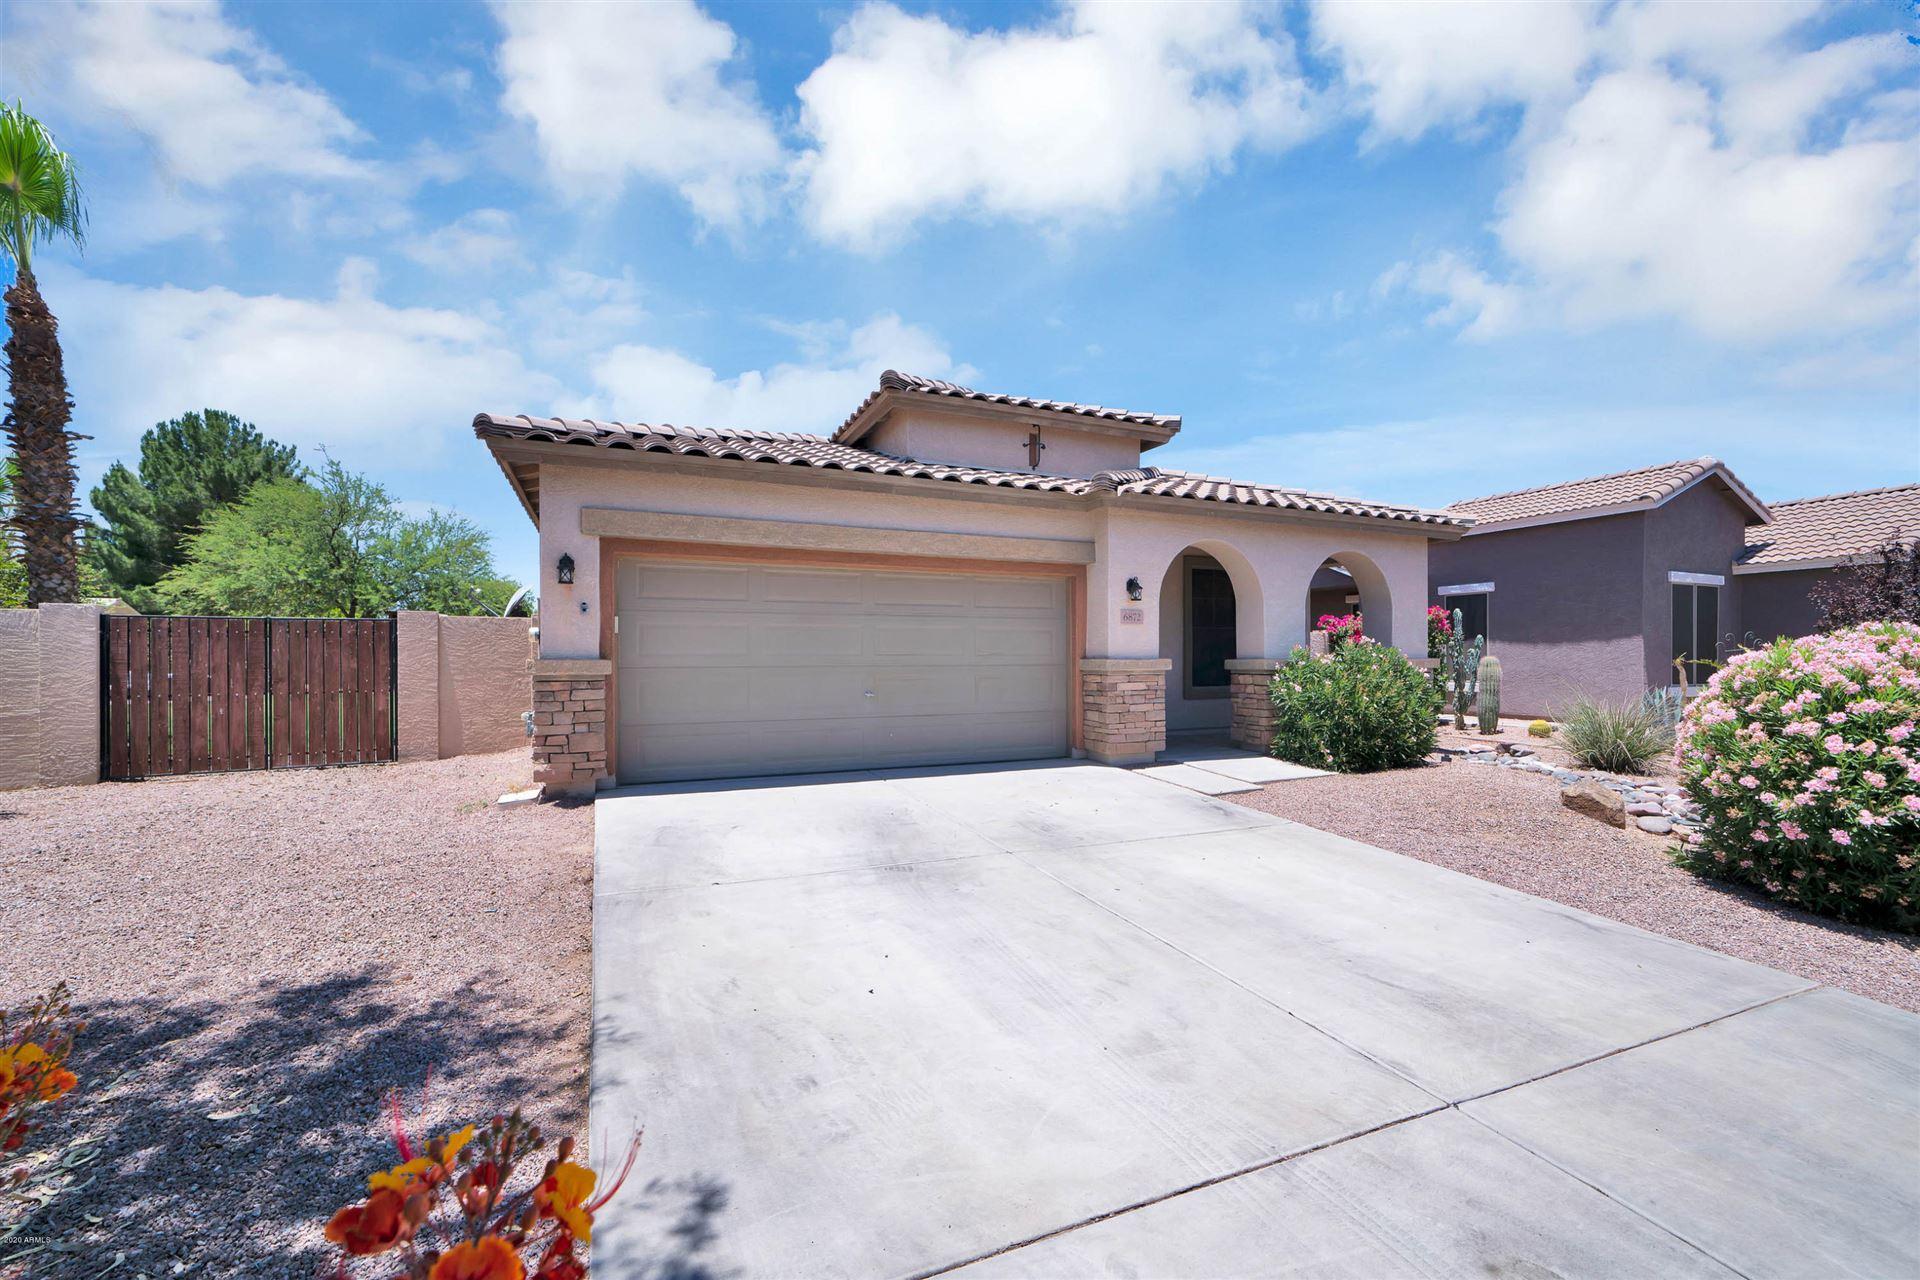 6872 S SUNNYVALE Avenue, Gilbert, AZ 85298 - #: 6095441